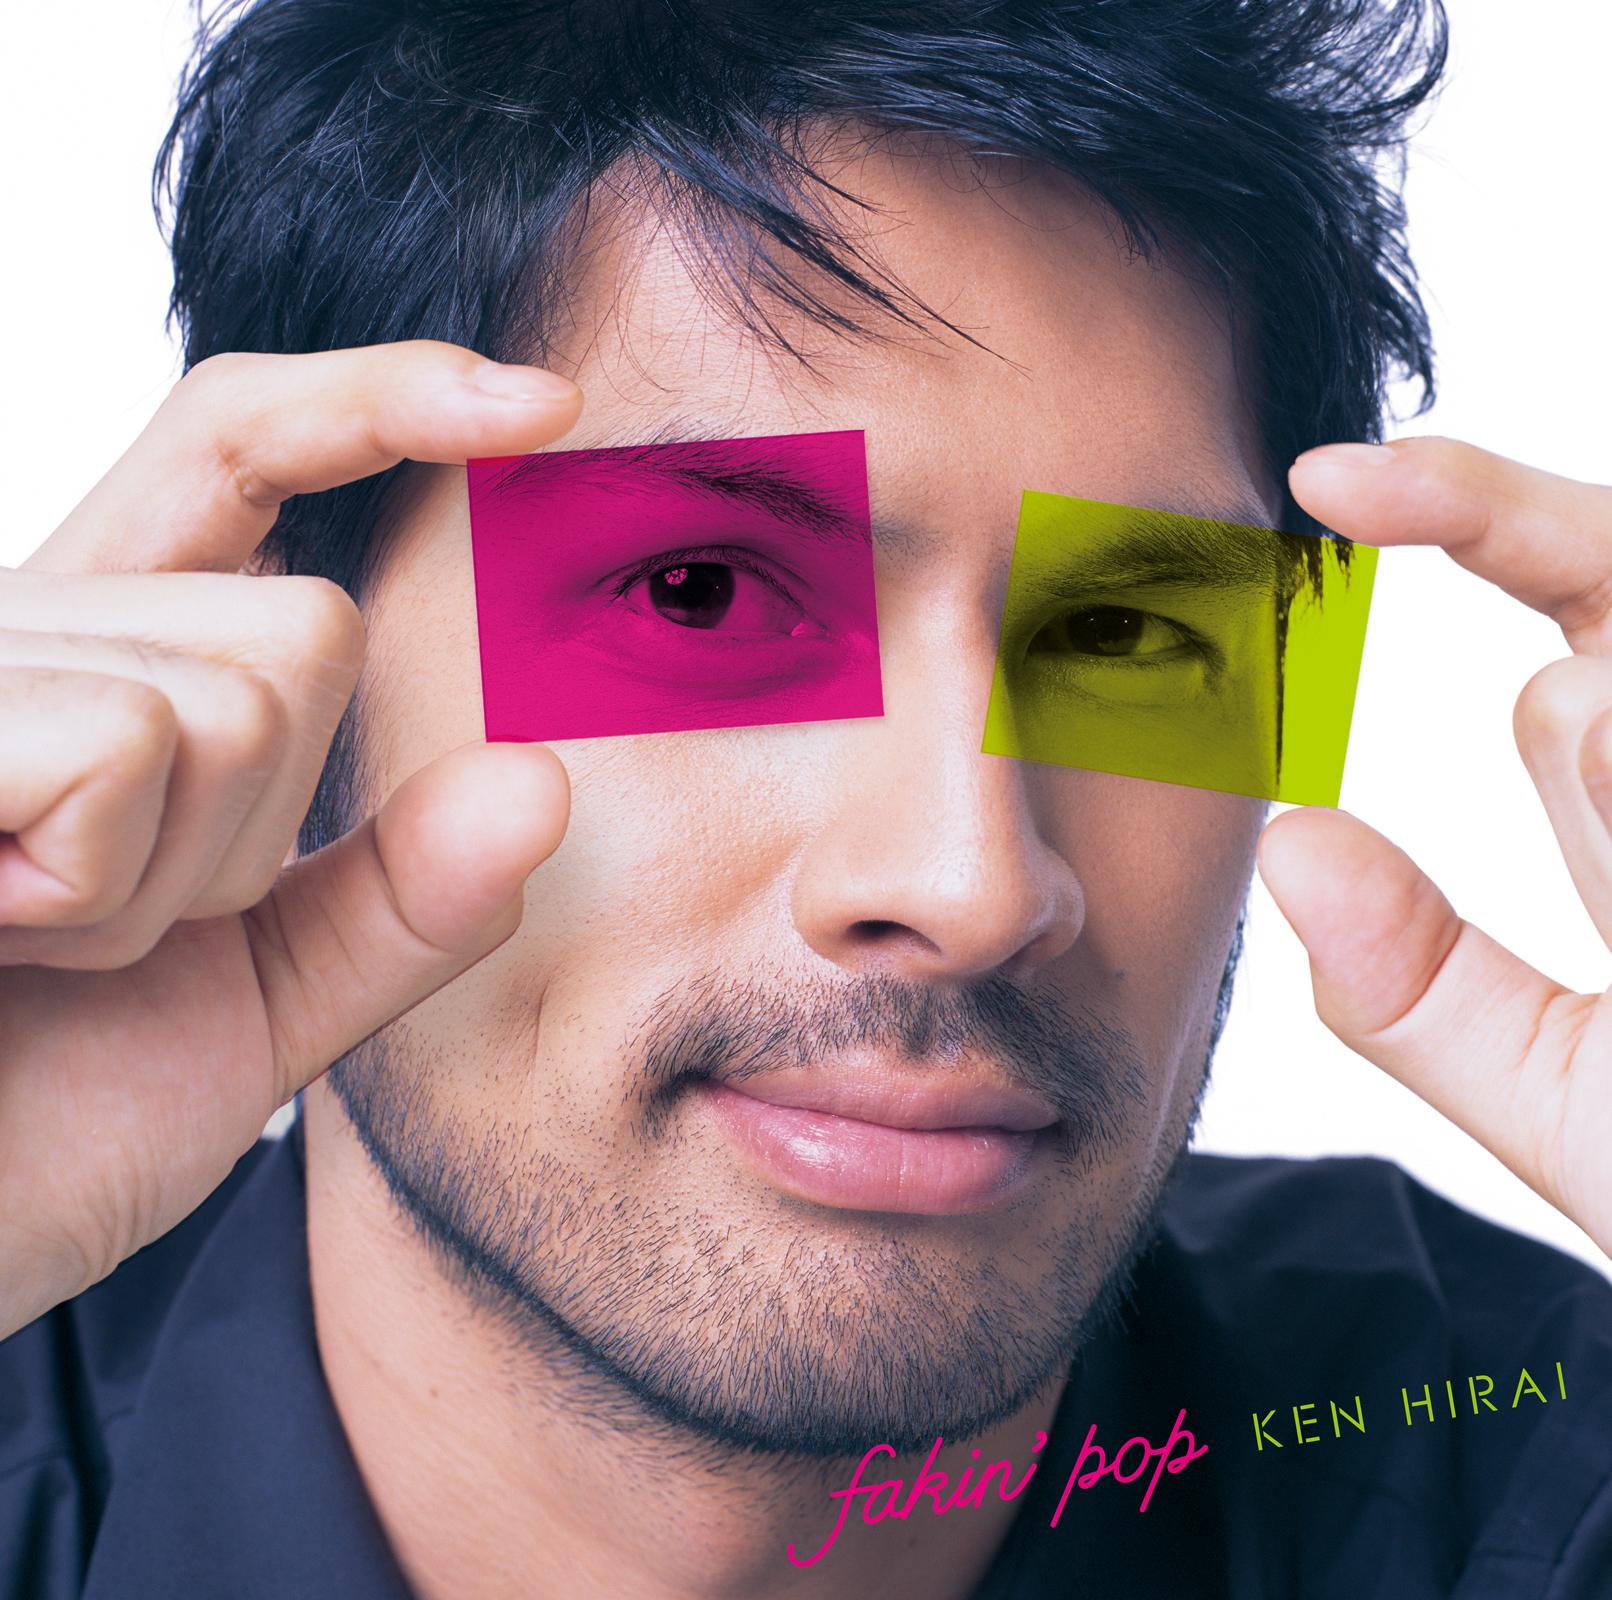 Ken Hirai